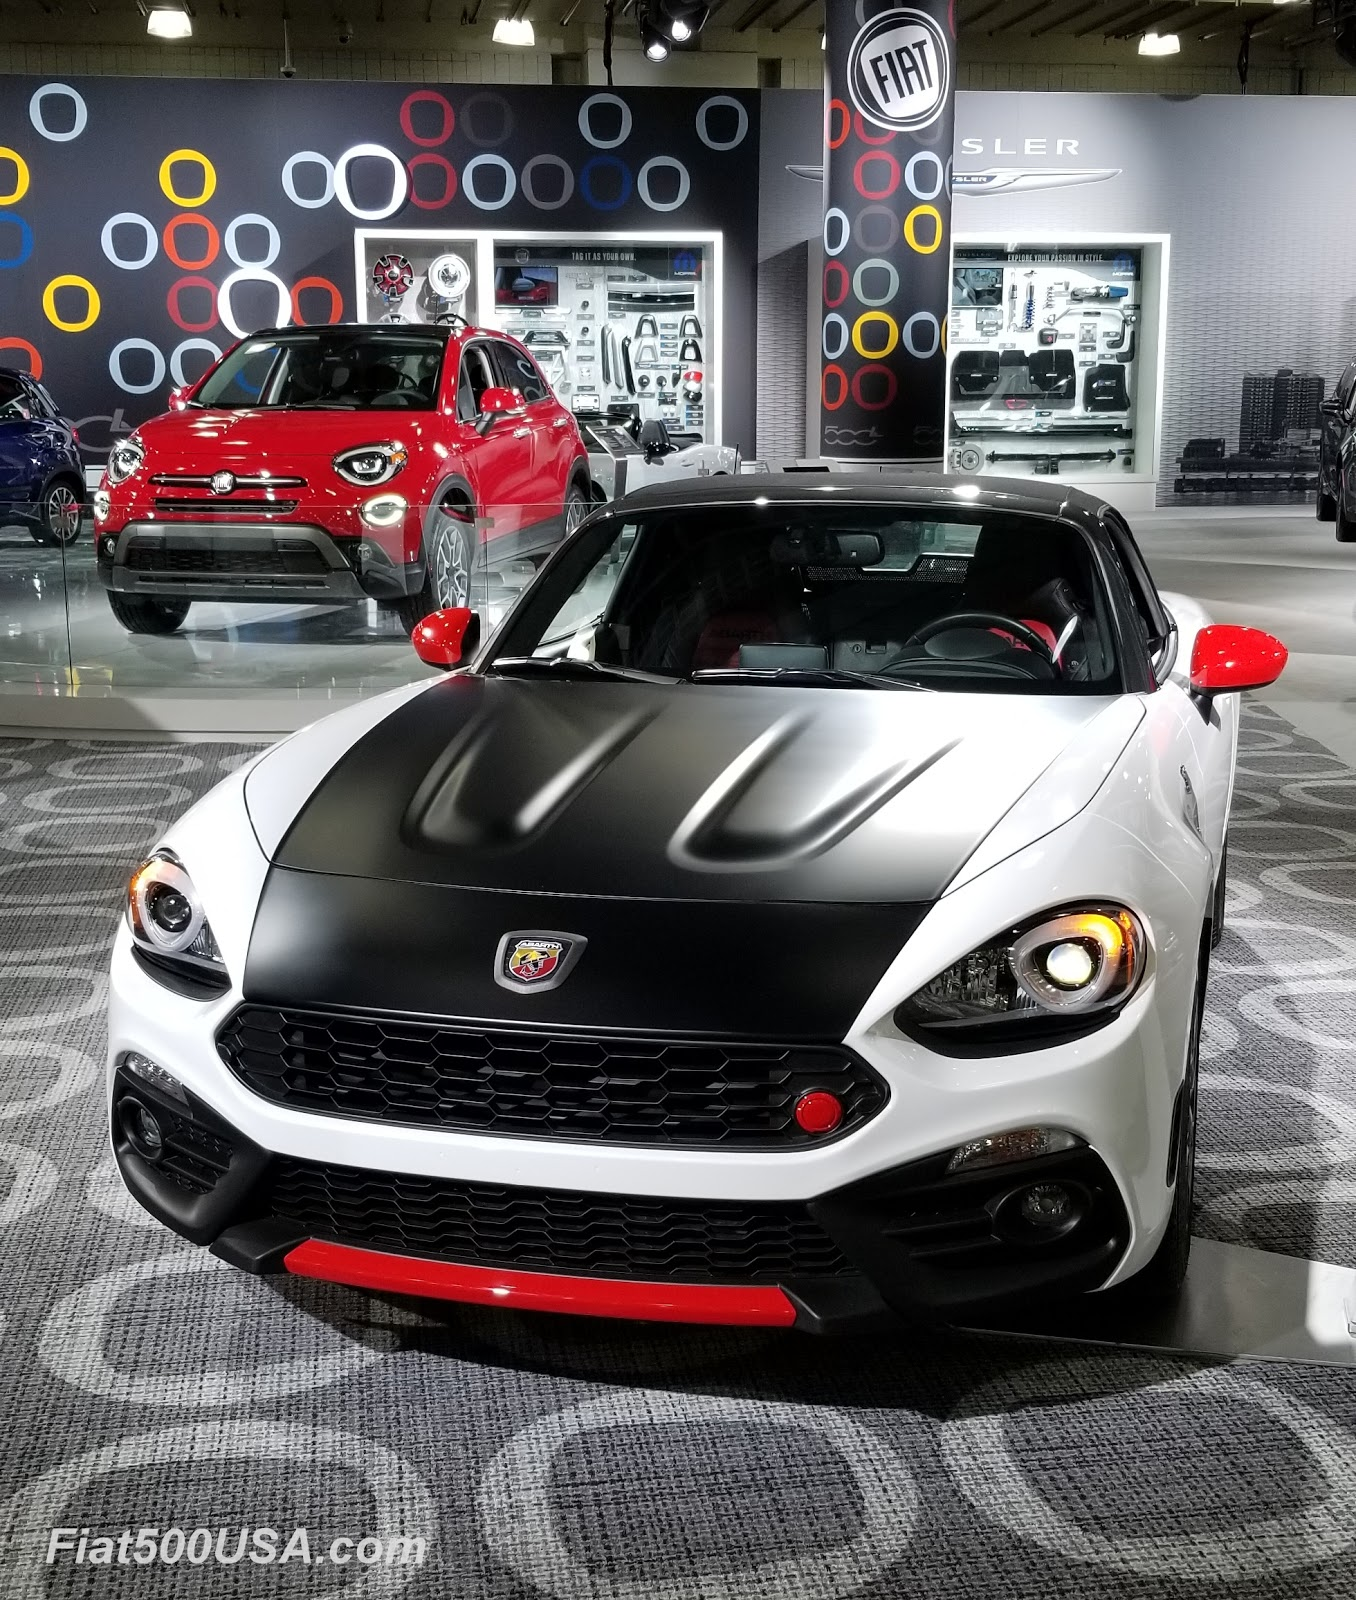 Fiat At The 2019 Ny Auto Show Fiat 500 Usa